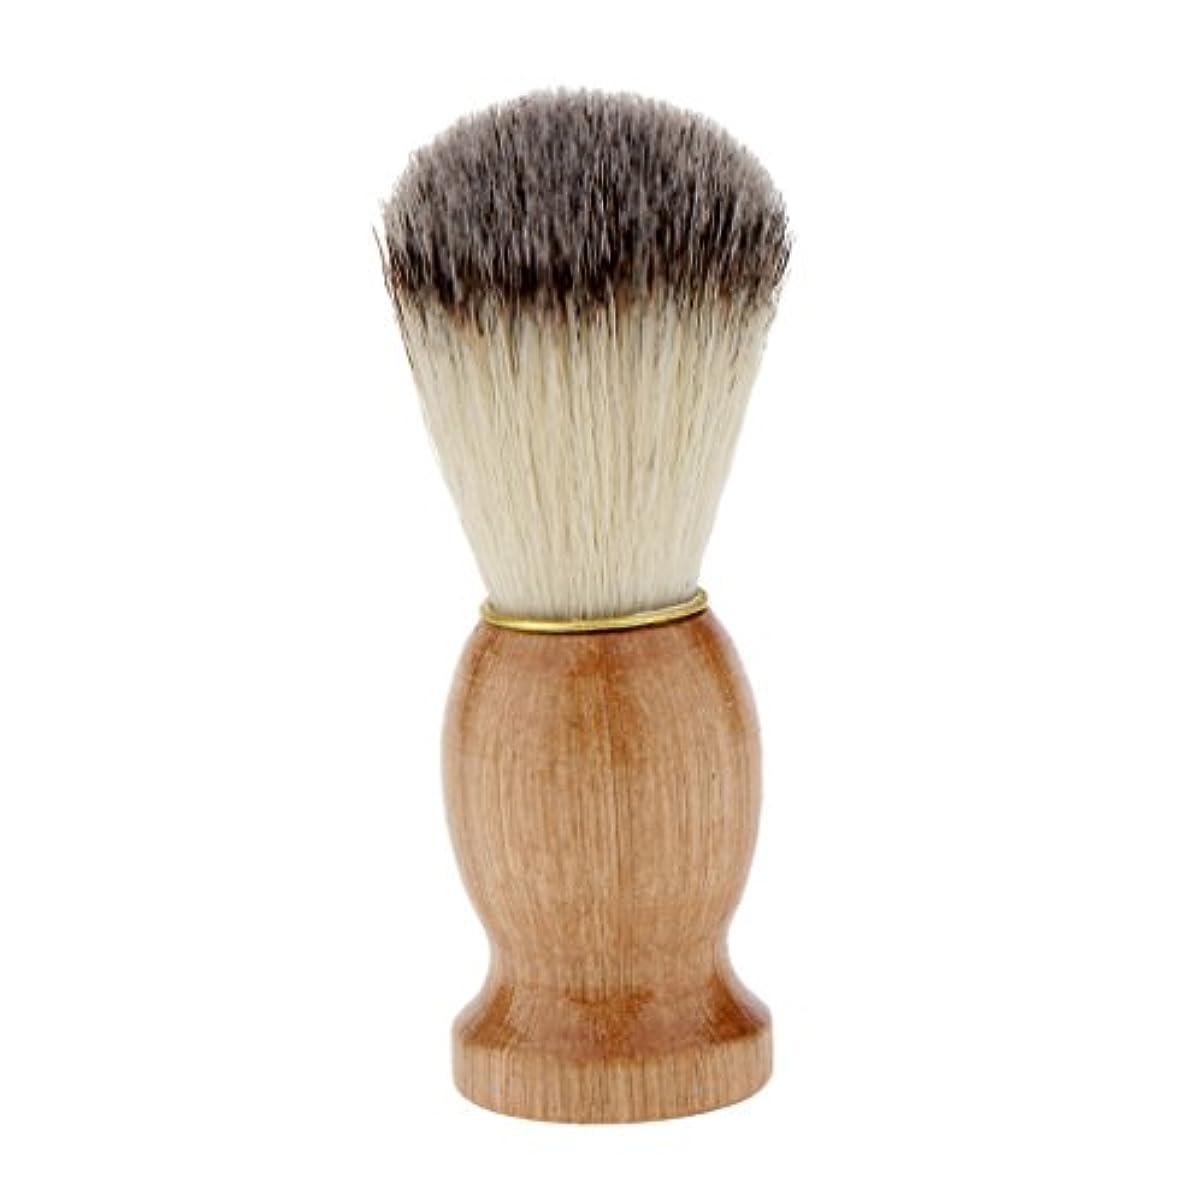 Kesoto シェービングブラシ コスメブラシ 木製ハンドル メンズ ひげ剃りブラシ クレンジング